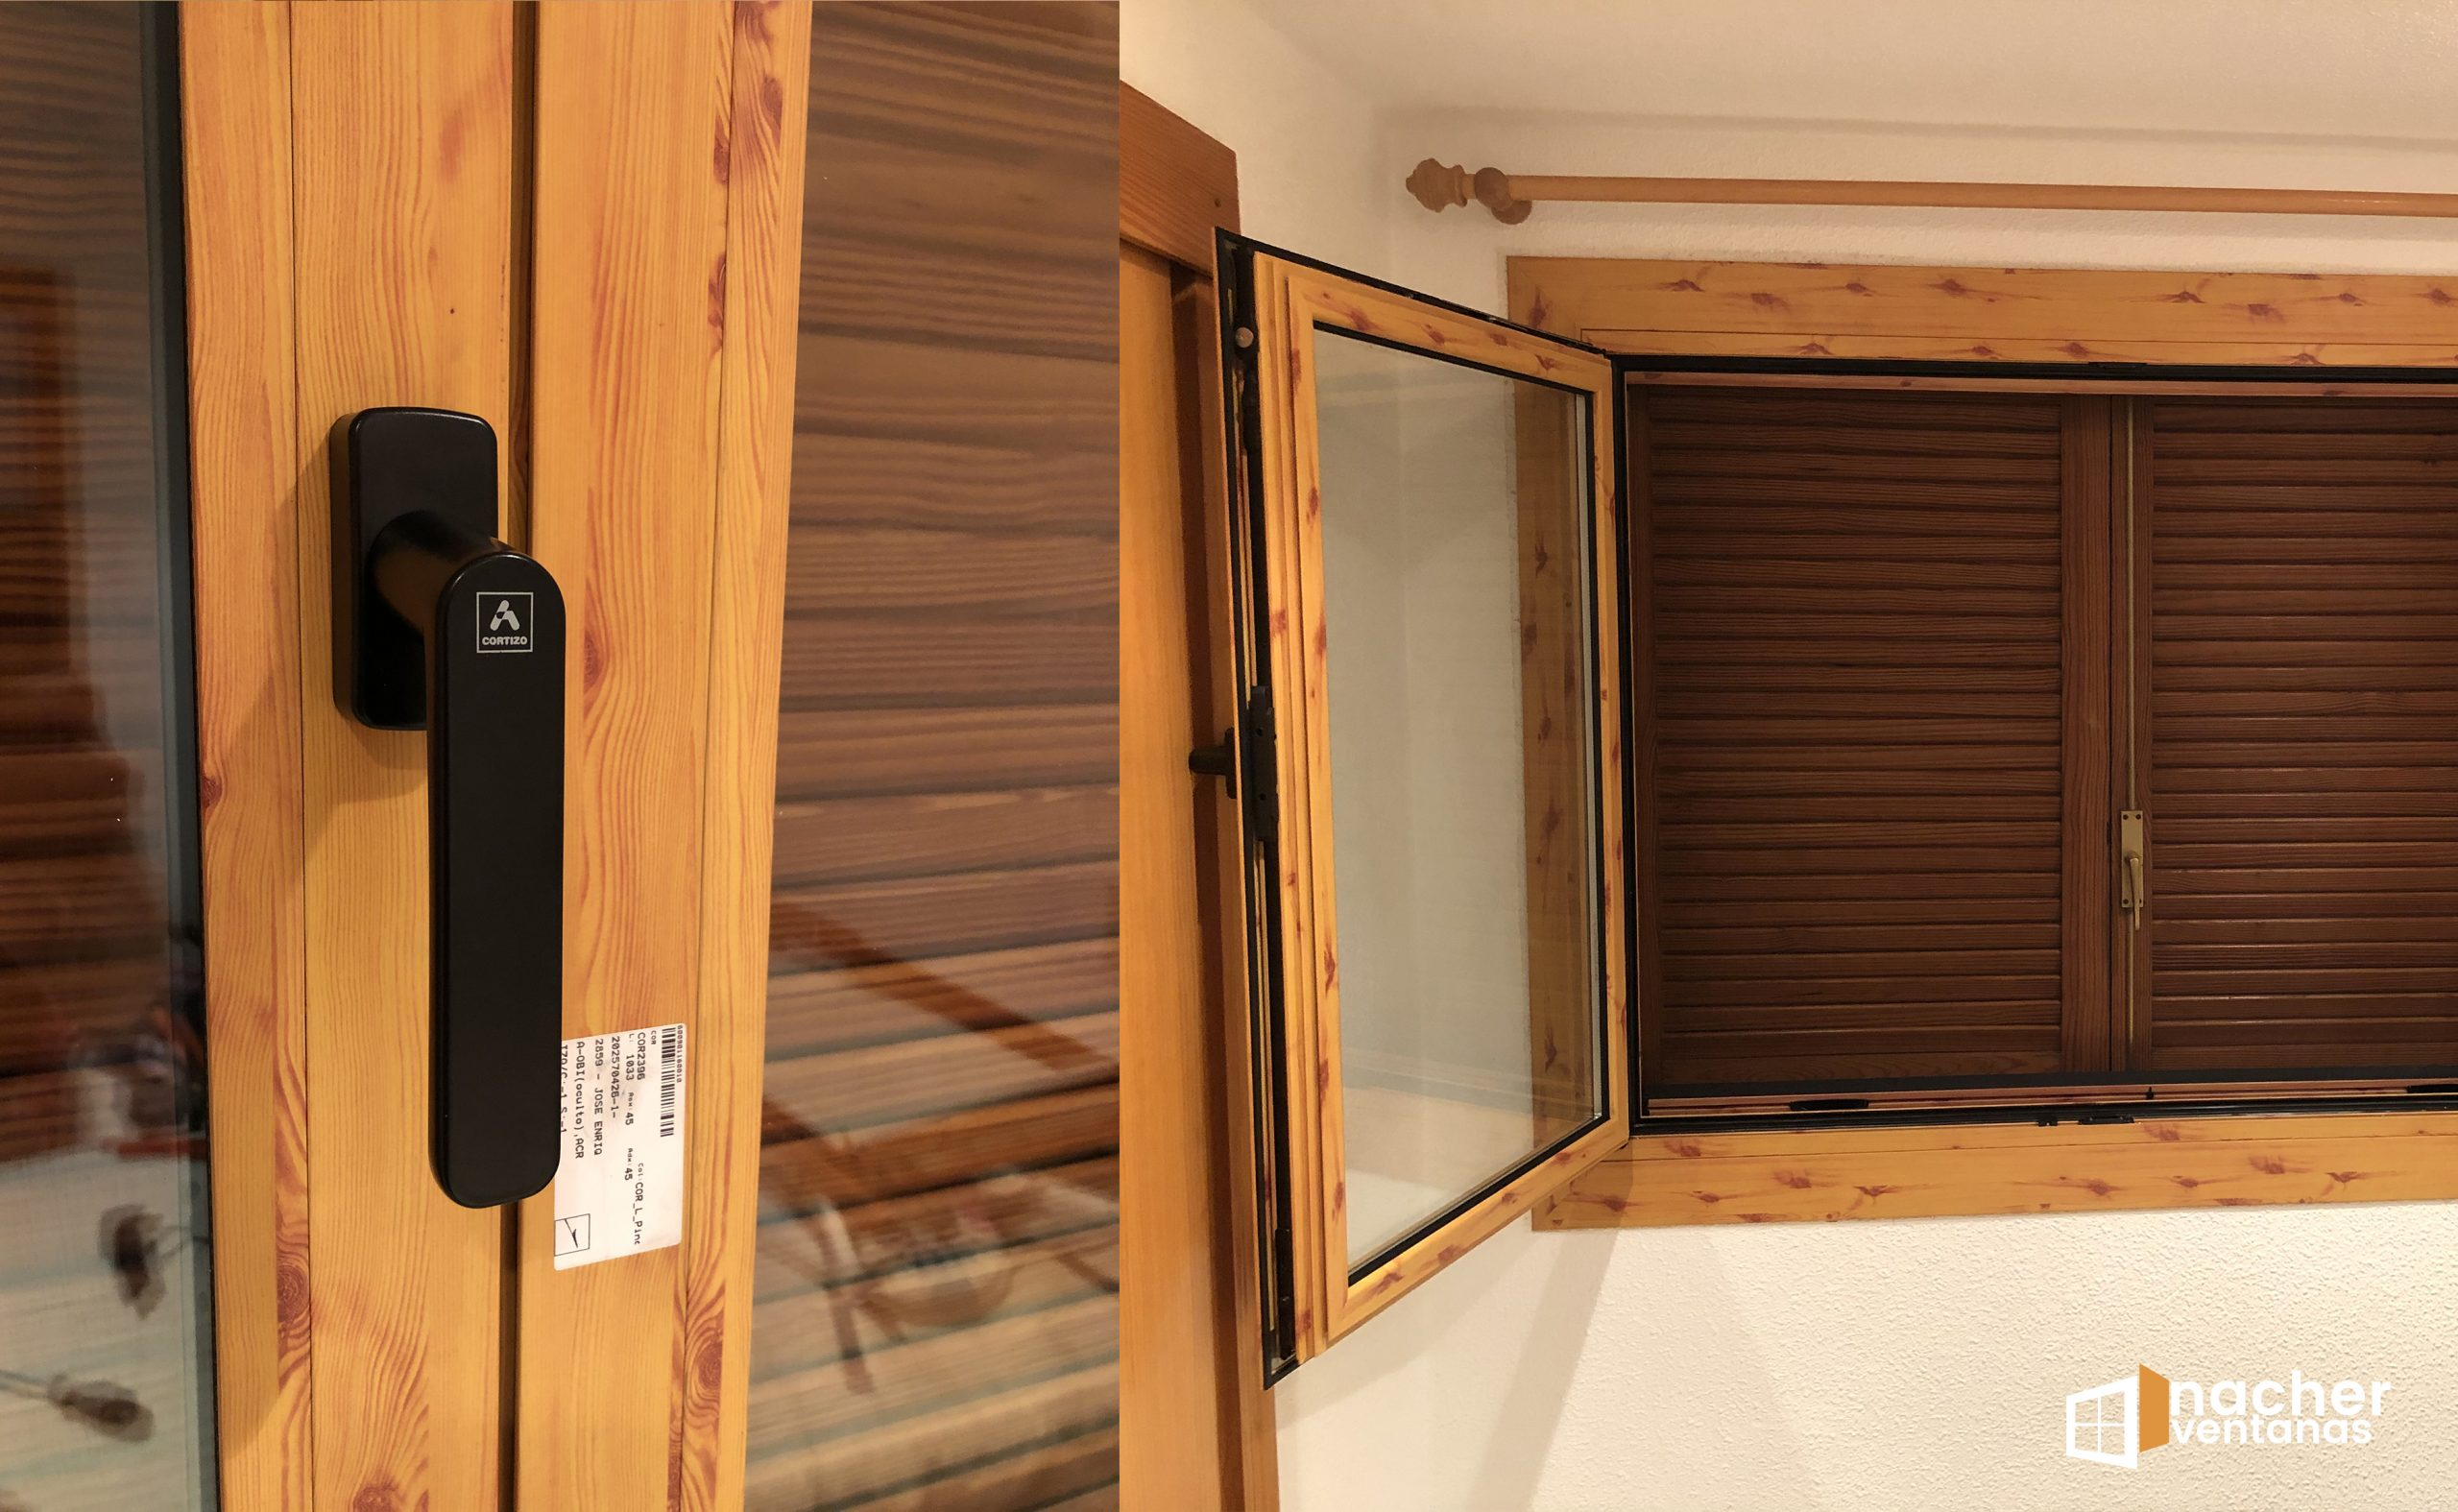 ventana aluminio cortizo color pino liso